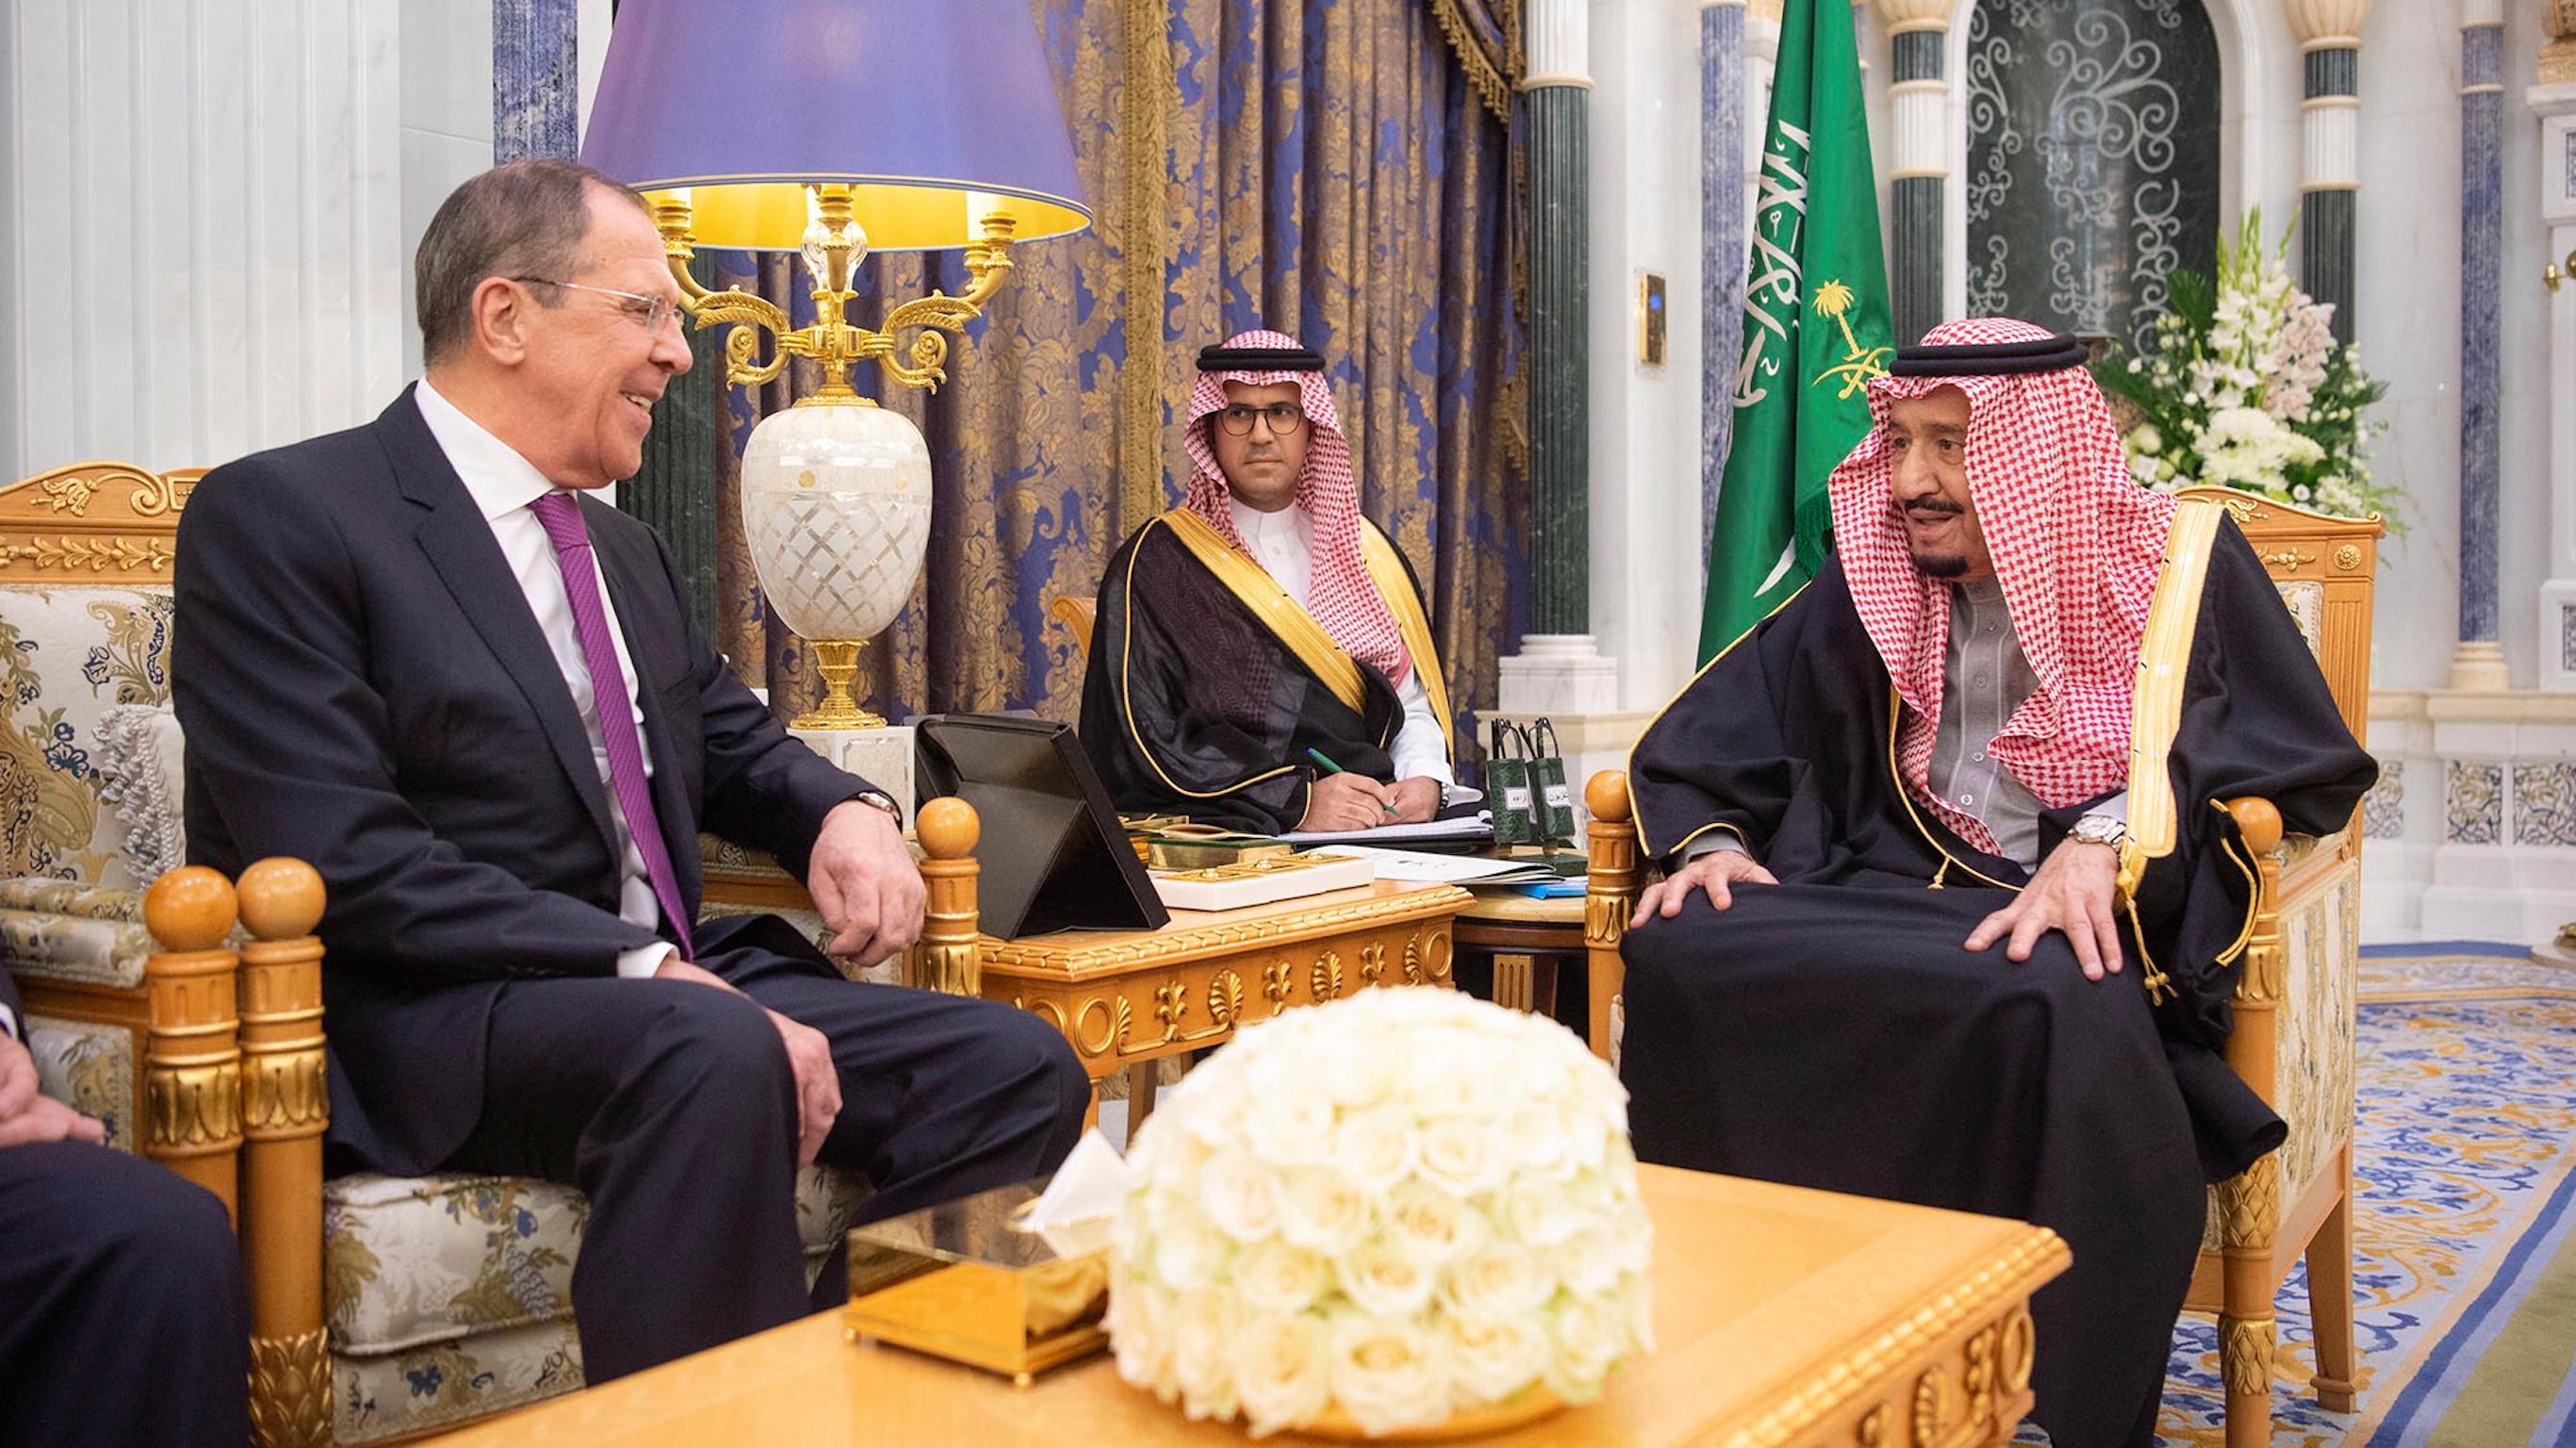 Le roi d'Arabie saoudite, Salman bin Abdulaziz, rencontre le ministre des Affaires étrangères, Sergei Lavrov, à Riyad